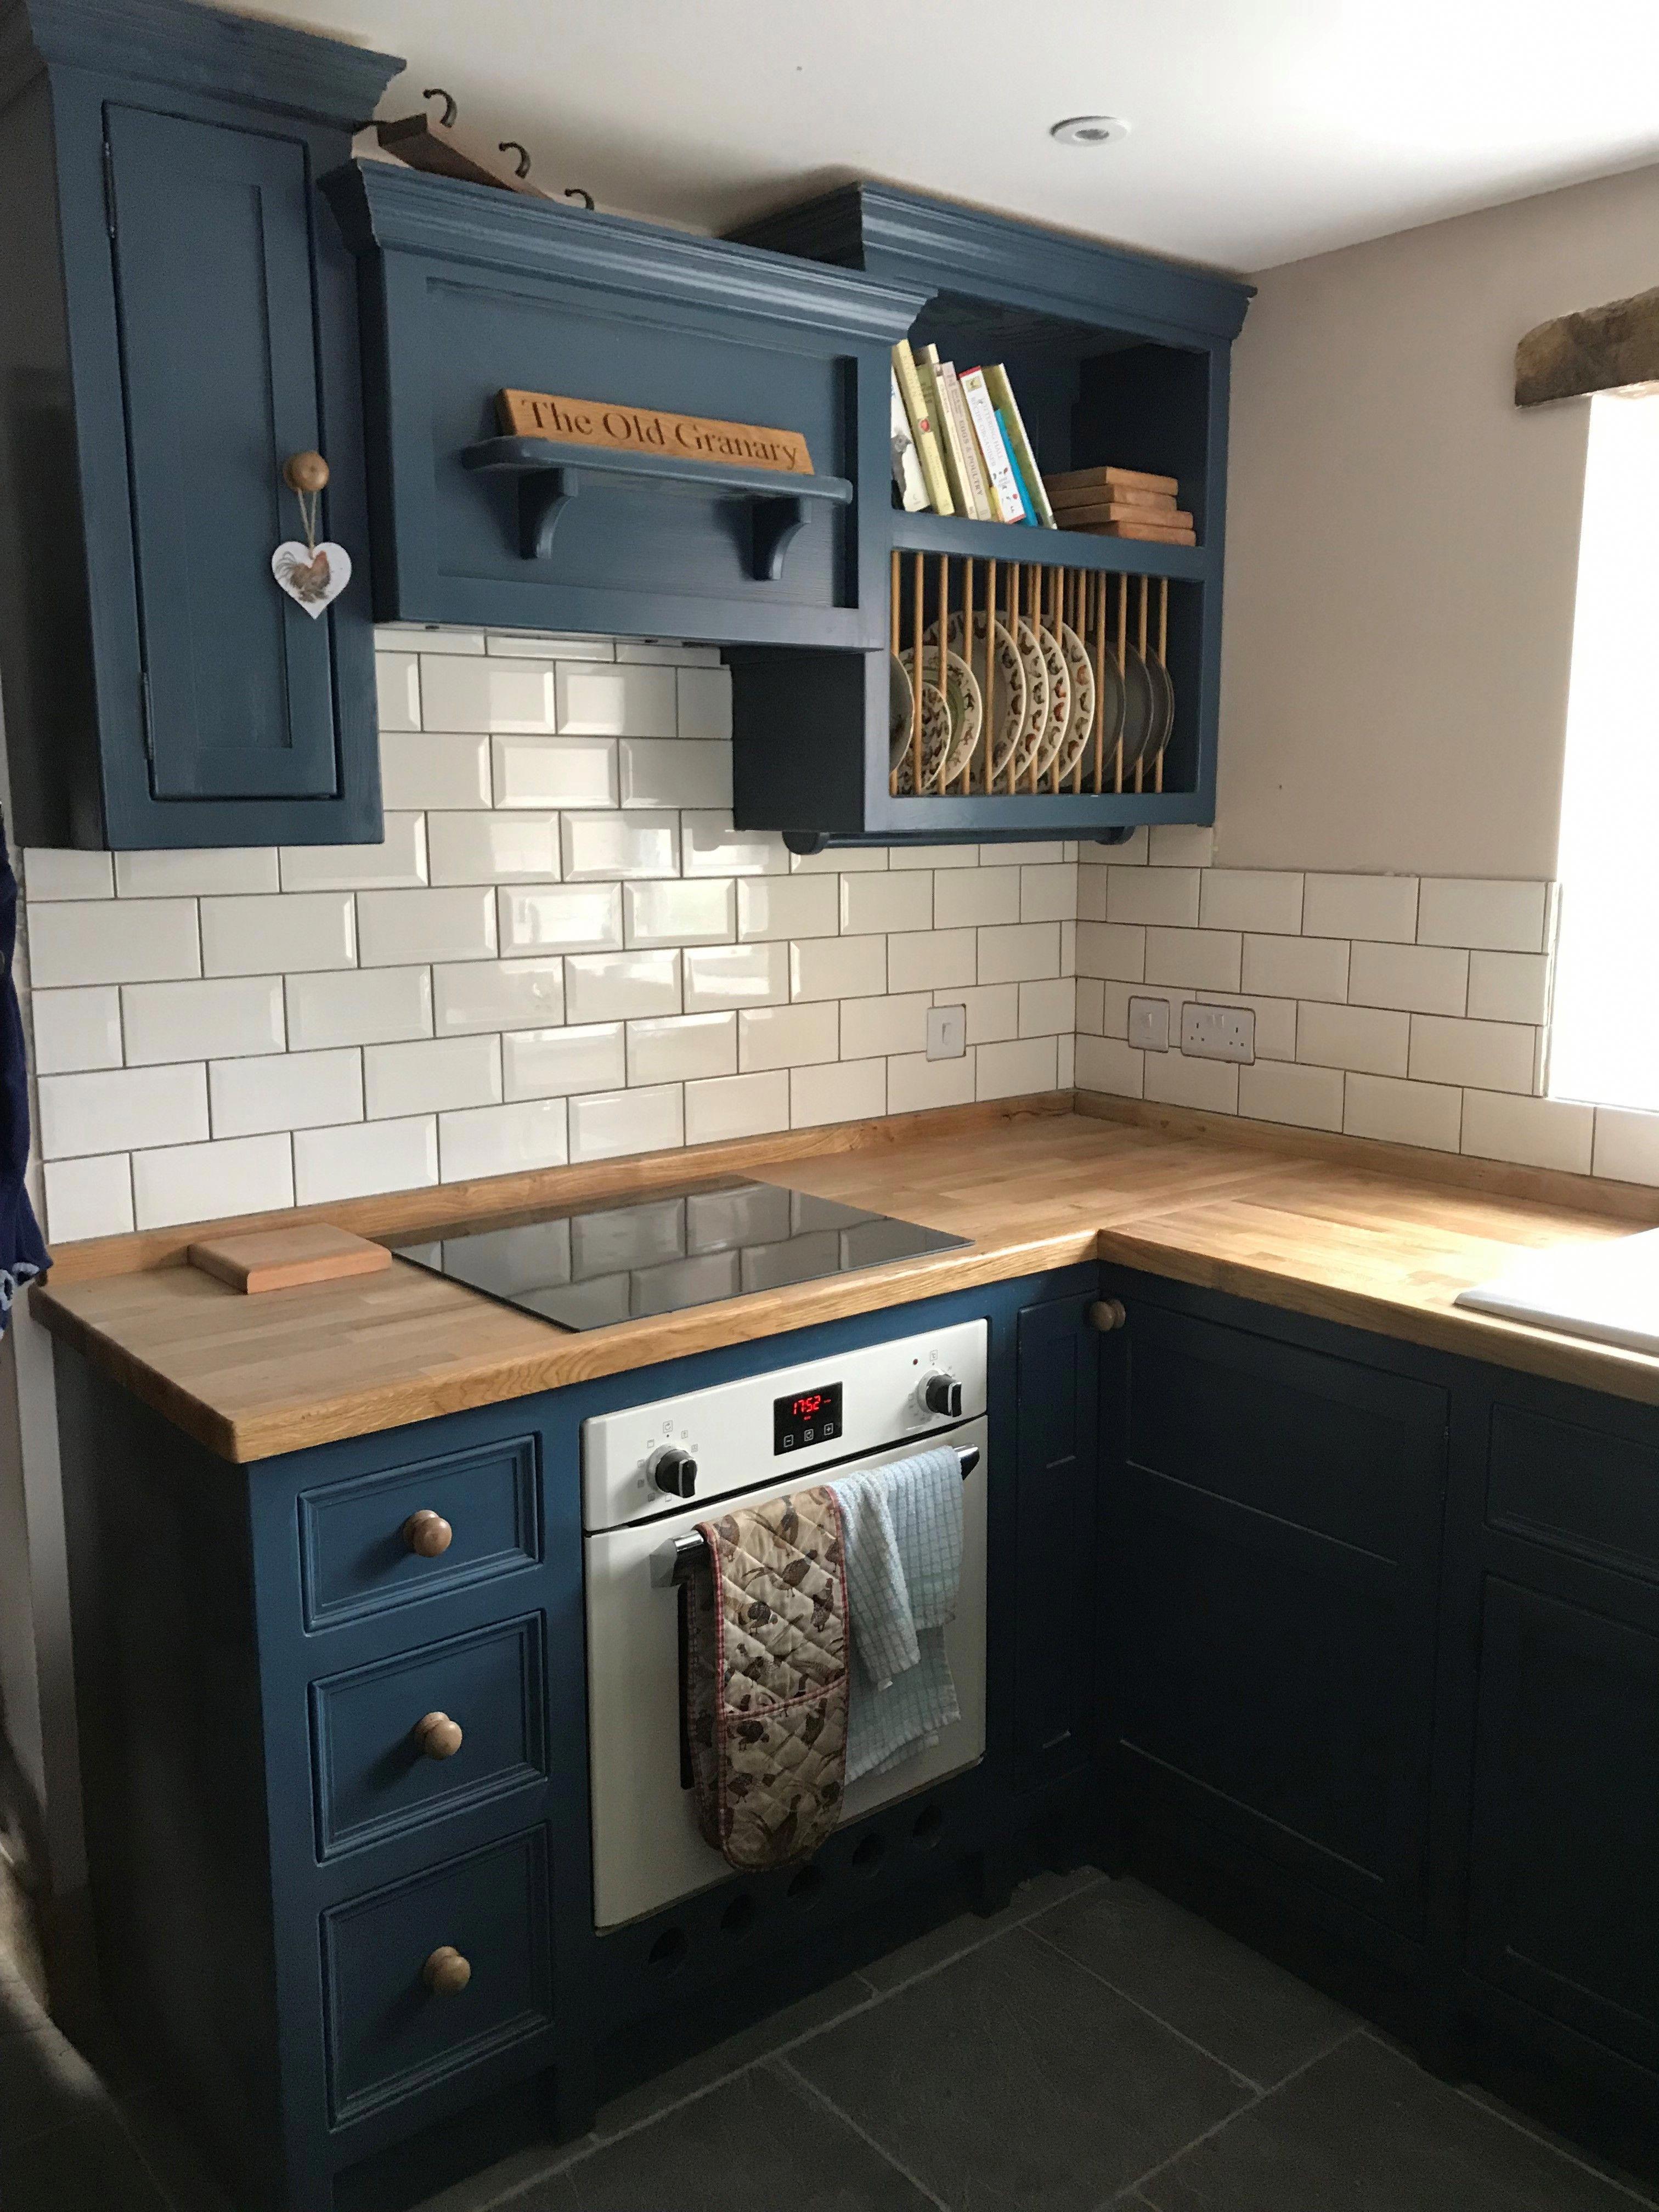 Kitchencupboards Freestanding Kitchen Kitchen Design Kitchen Cabinets Decor